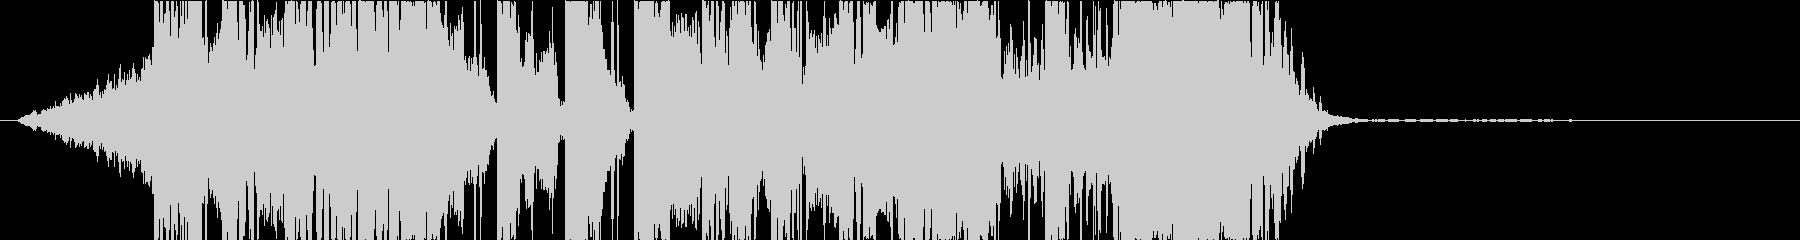 DUBSTEP クール ジングル155の未再生の波形